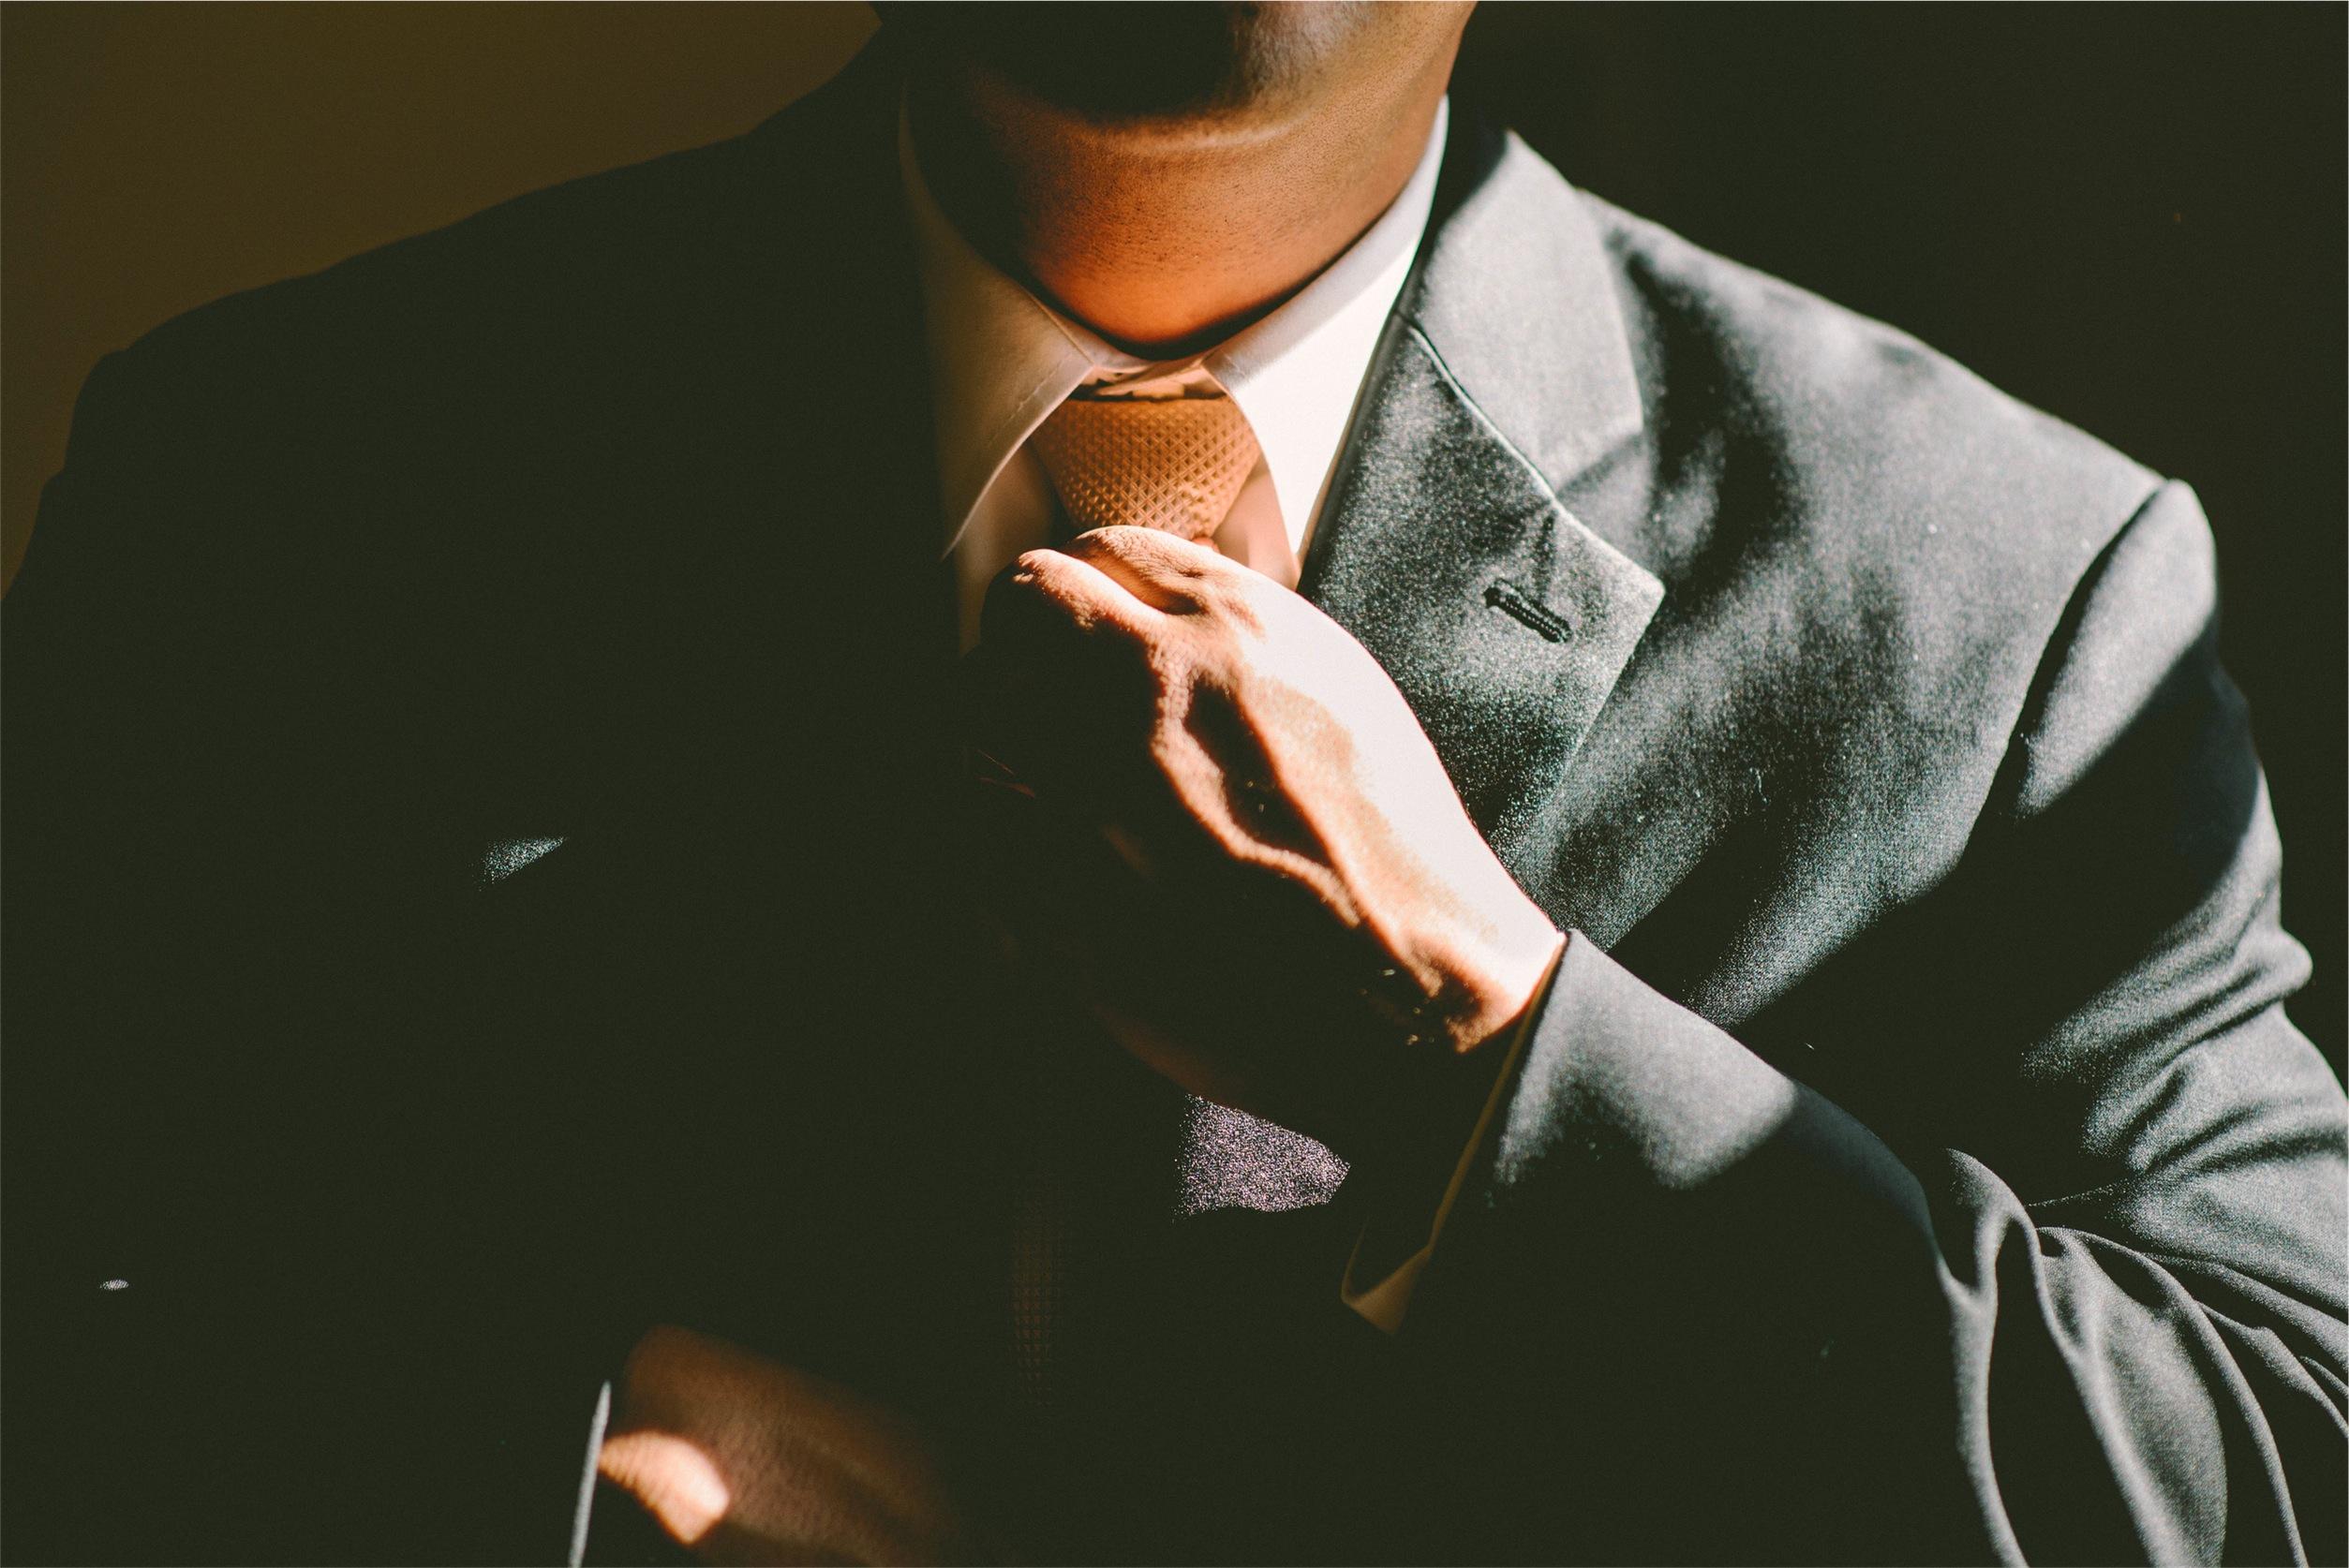 promosikan-diri-anda-di-kantor-dengan-3-cara-ini